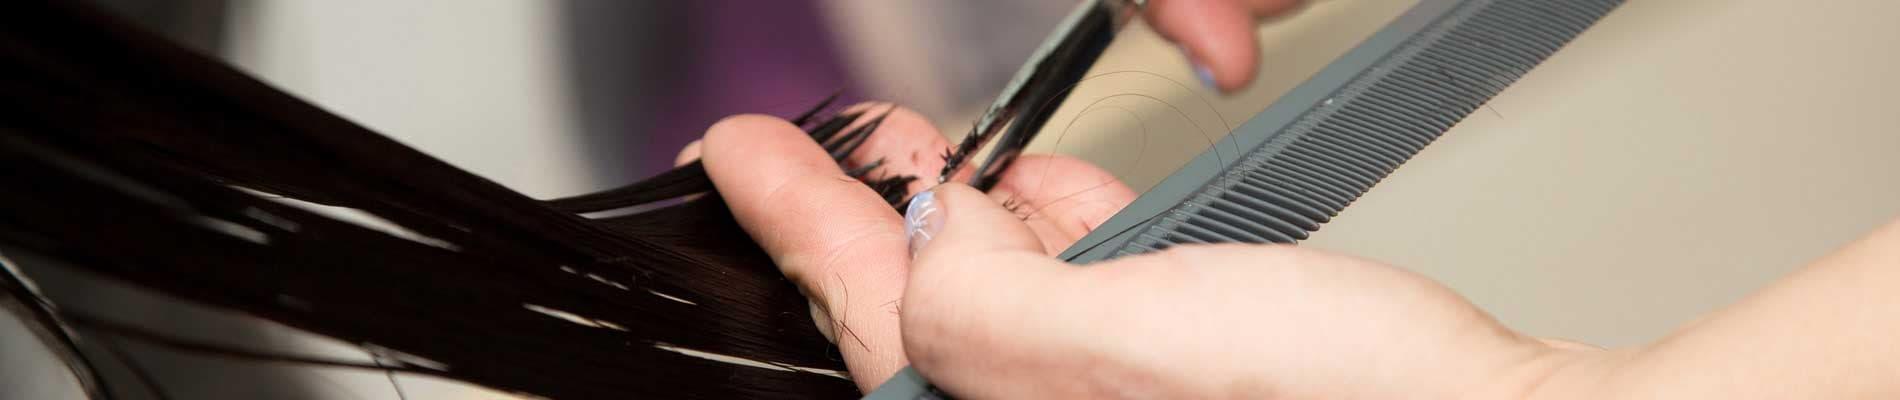 Parrucchieri e manicure